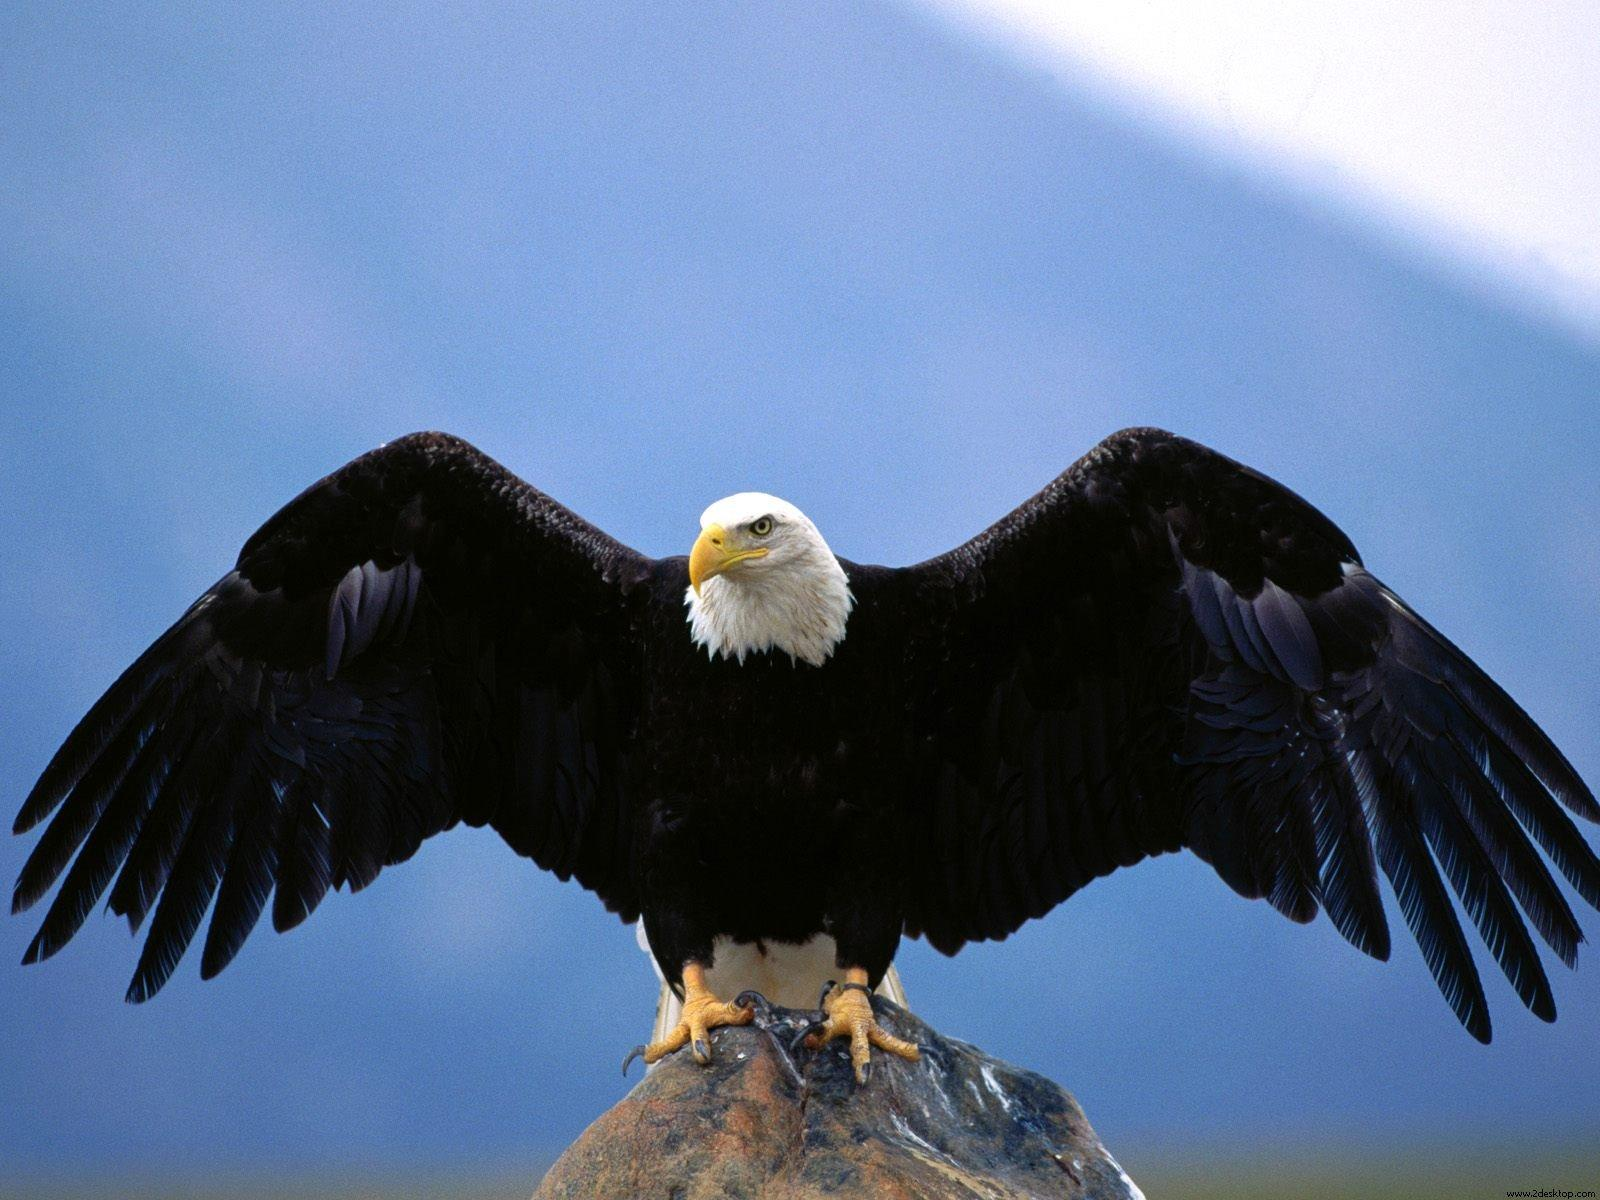 Eagle bird images - photo#3